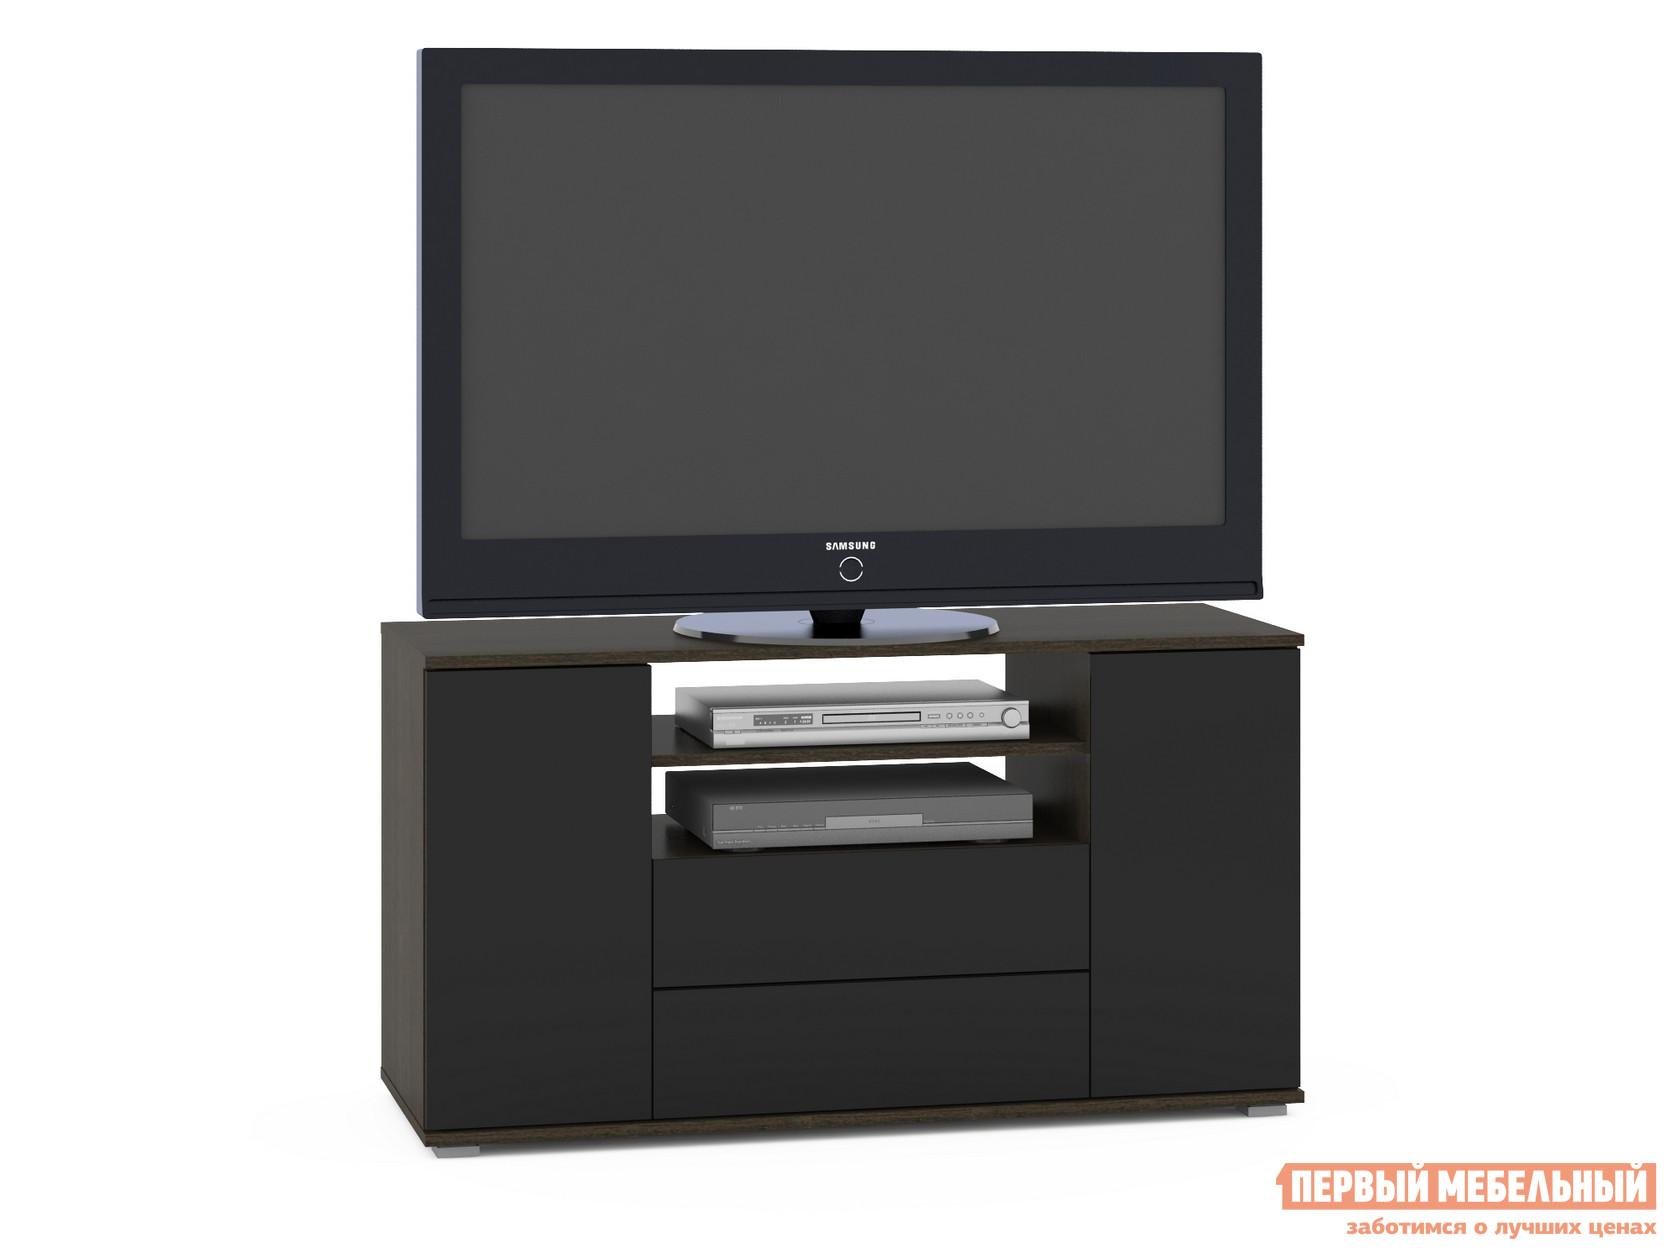 Тумба под телевизор Первый Мебельный Мишель 2102 Тумба ТВ тумба под телевизор мебелеф тумба под тв мебелеф 6